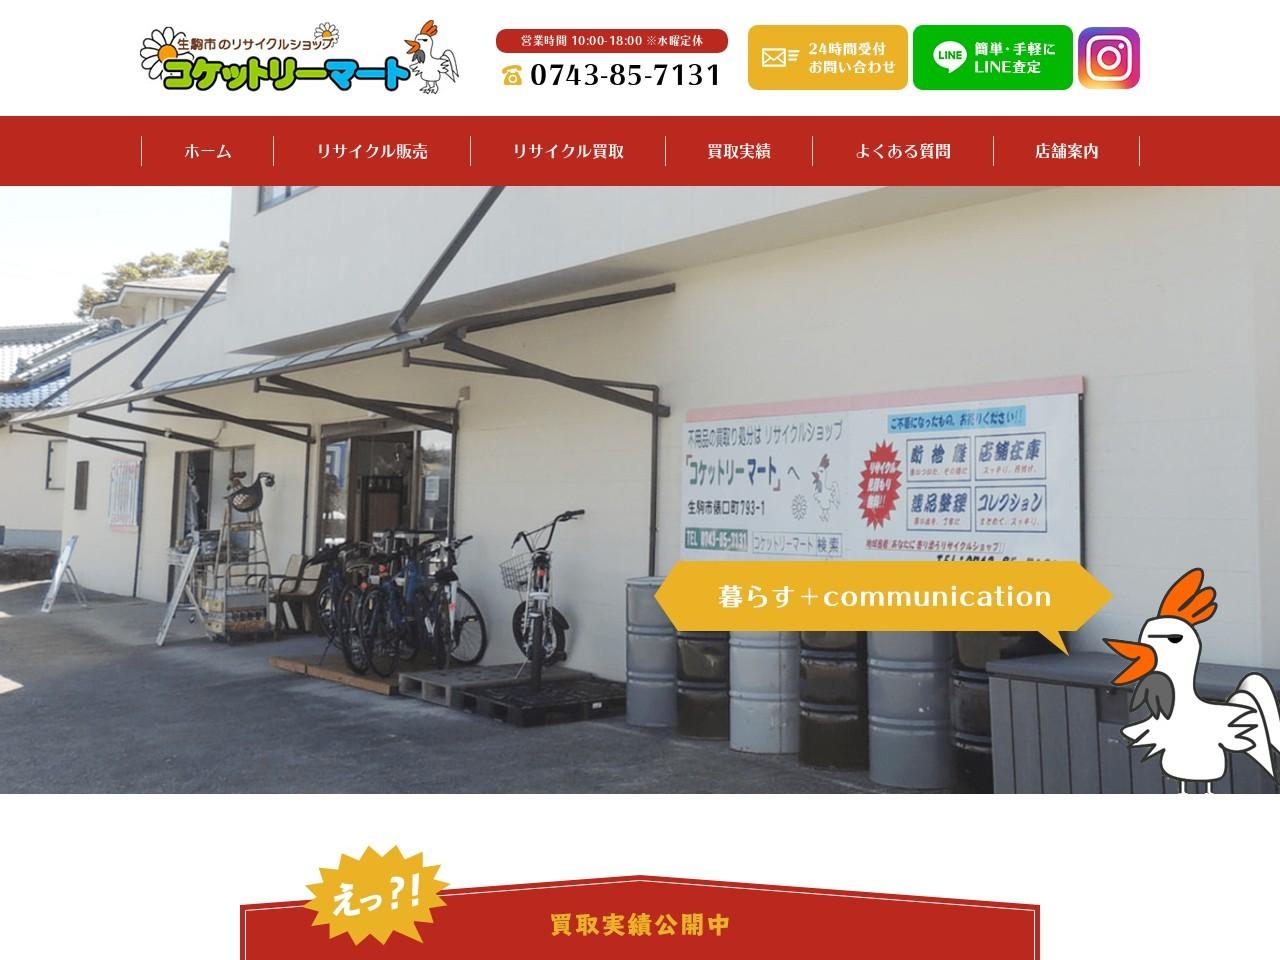 生駒市にあるリサイクルショップ【コッケトリーマート】